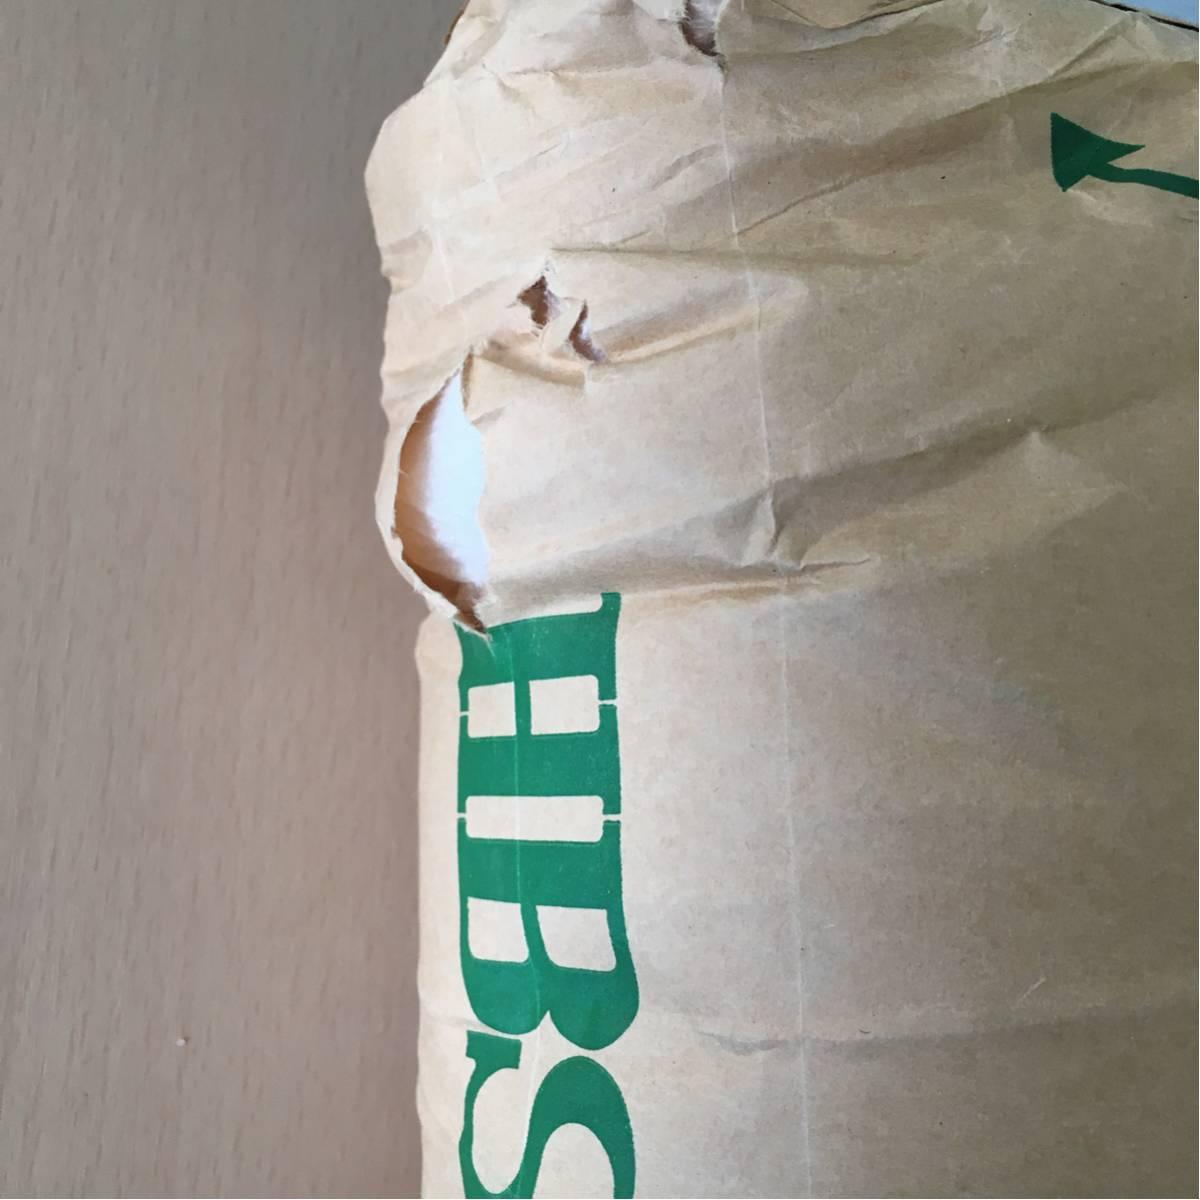 ホクレン ビートグラニュー糖 正味20kg(訳あり)(着払い発送)_画像3